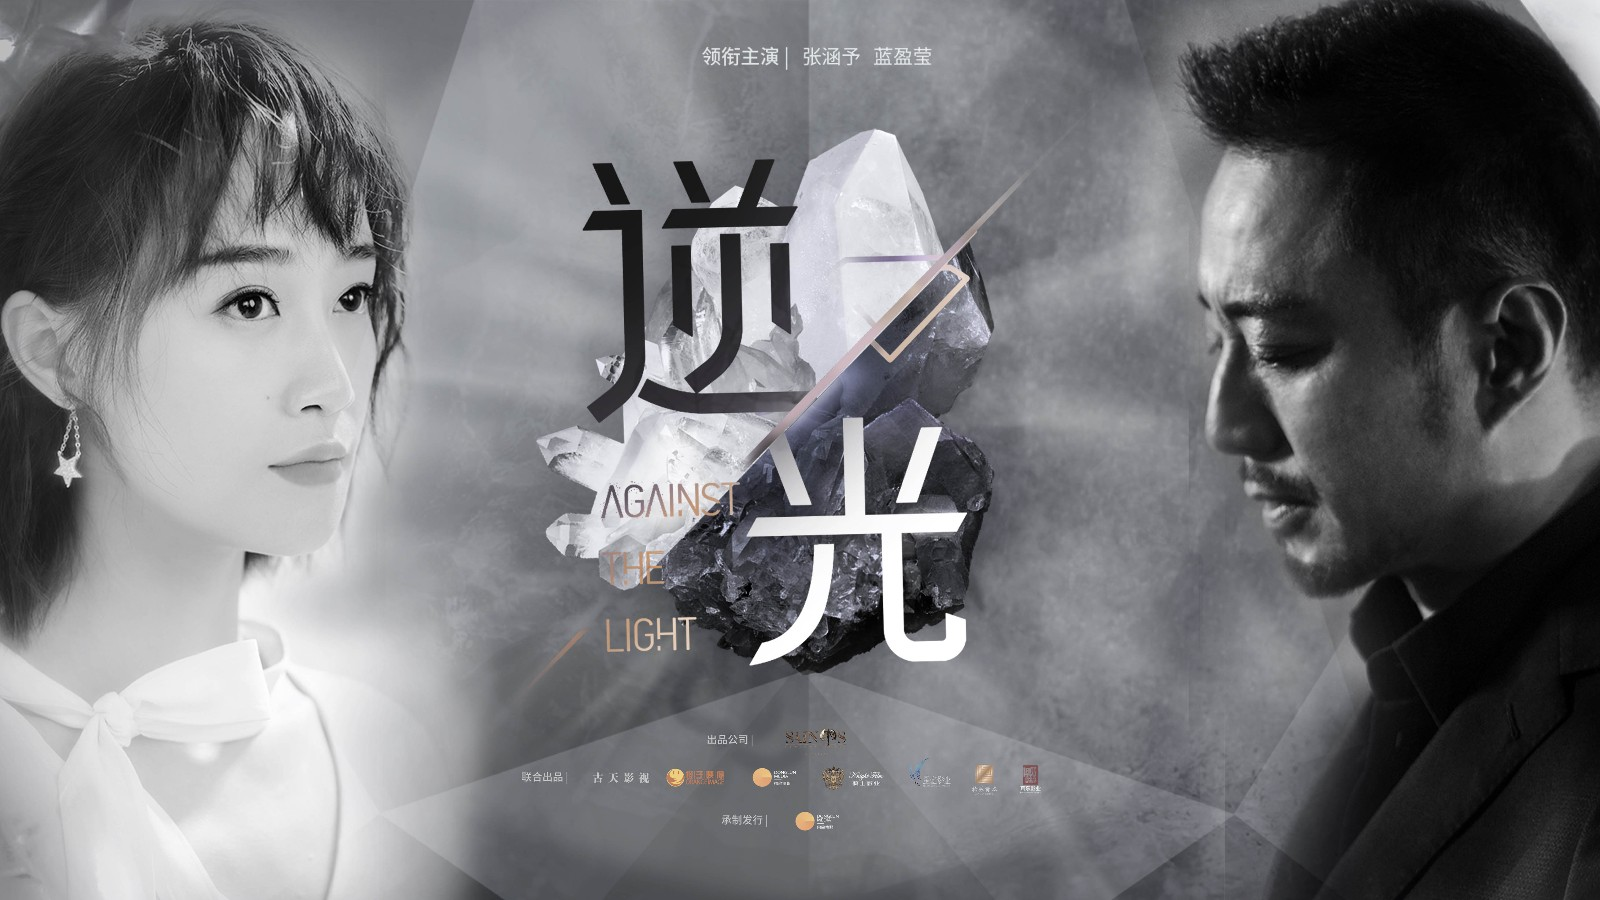 蓝盈莹诠释睿智职场女性   电视剧《逆光》角色海报首曝光